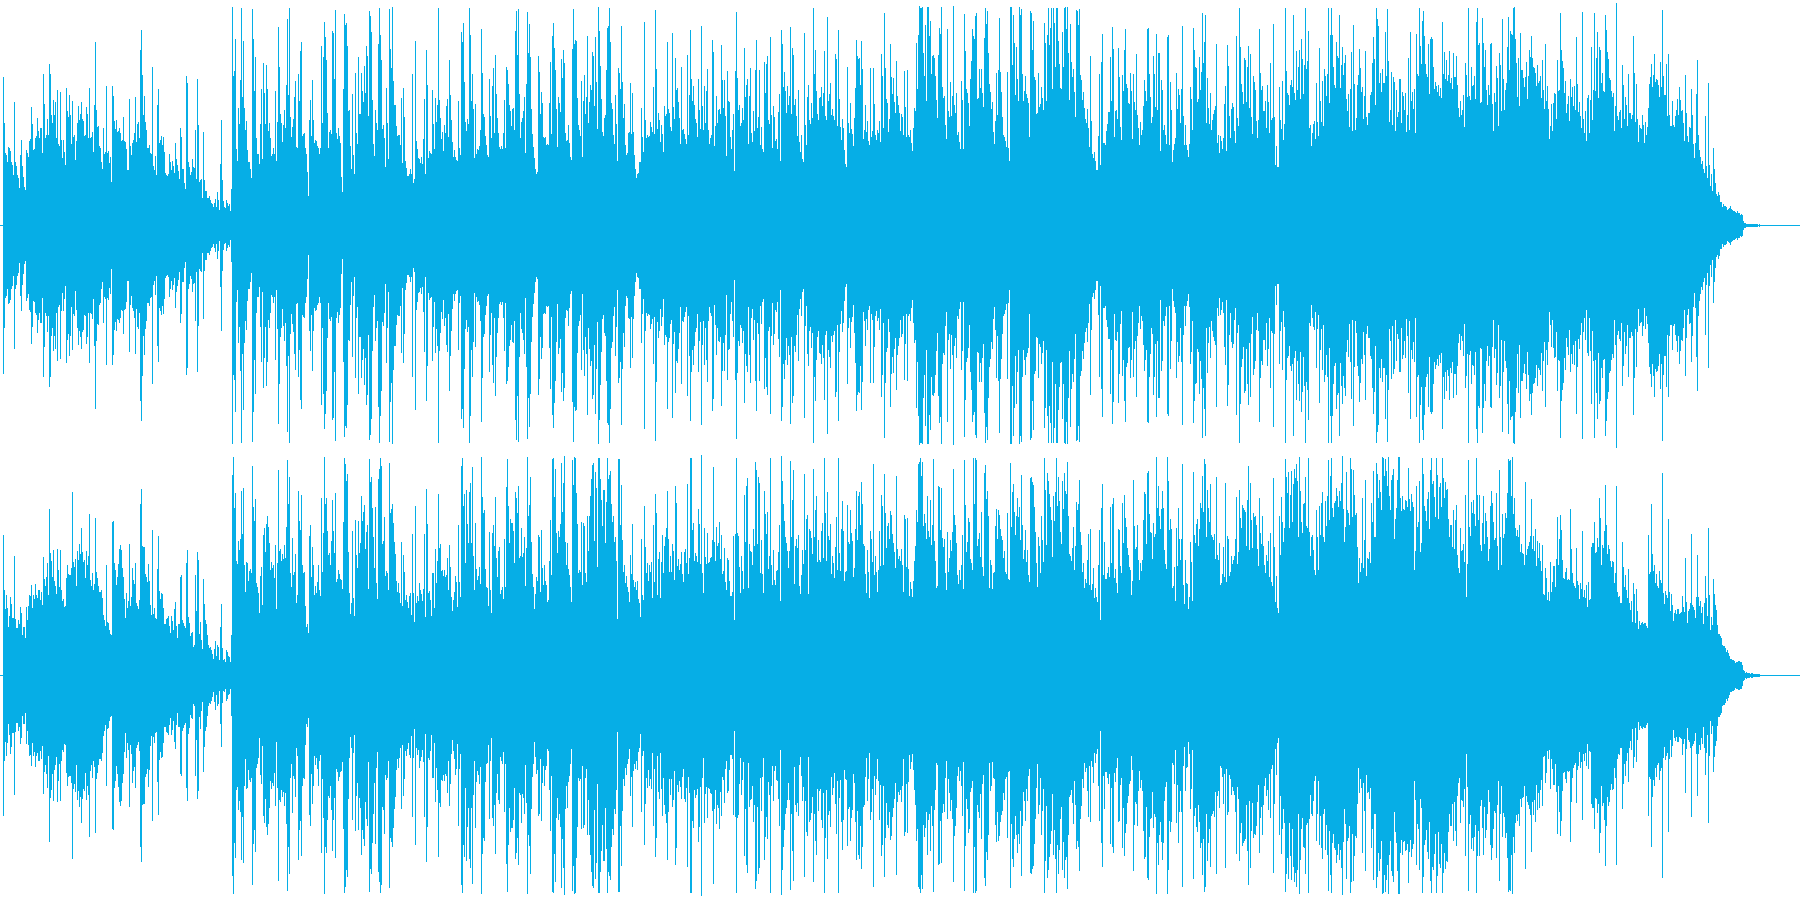 ピアノが感情的なメロディーを奏でる曲の再生済みの波形